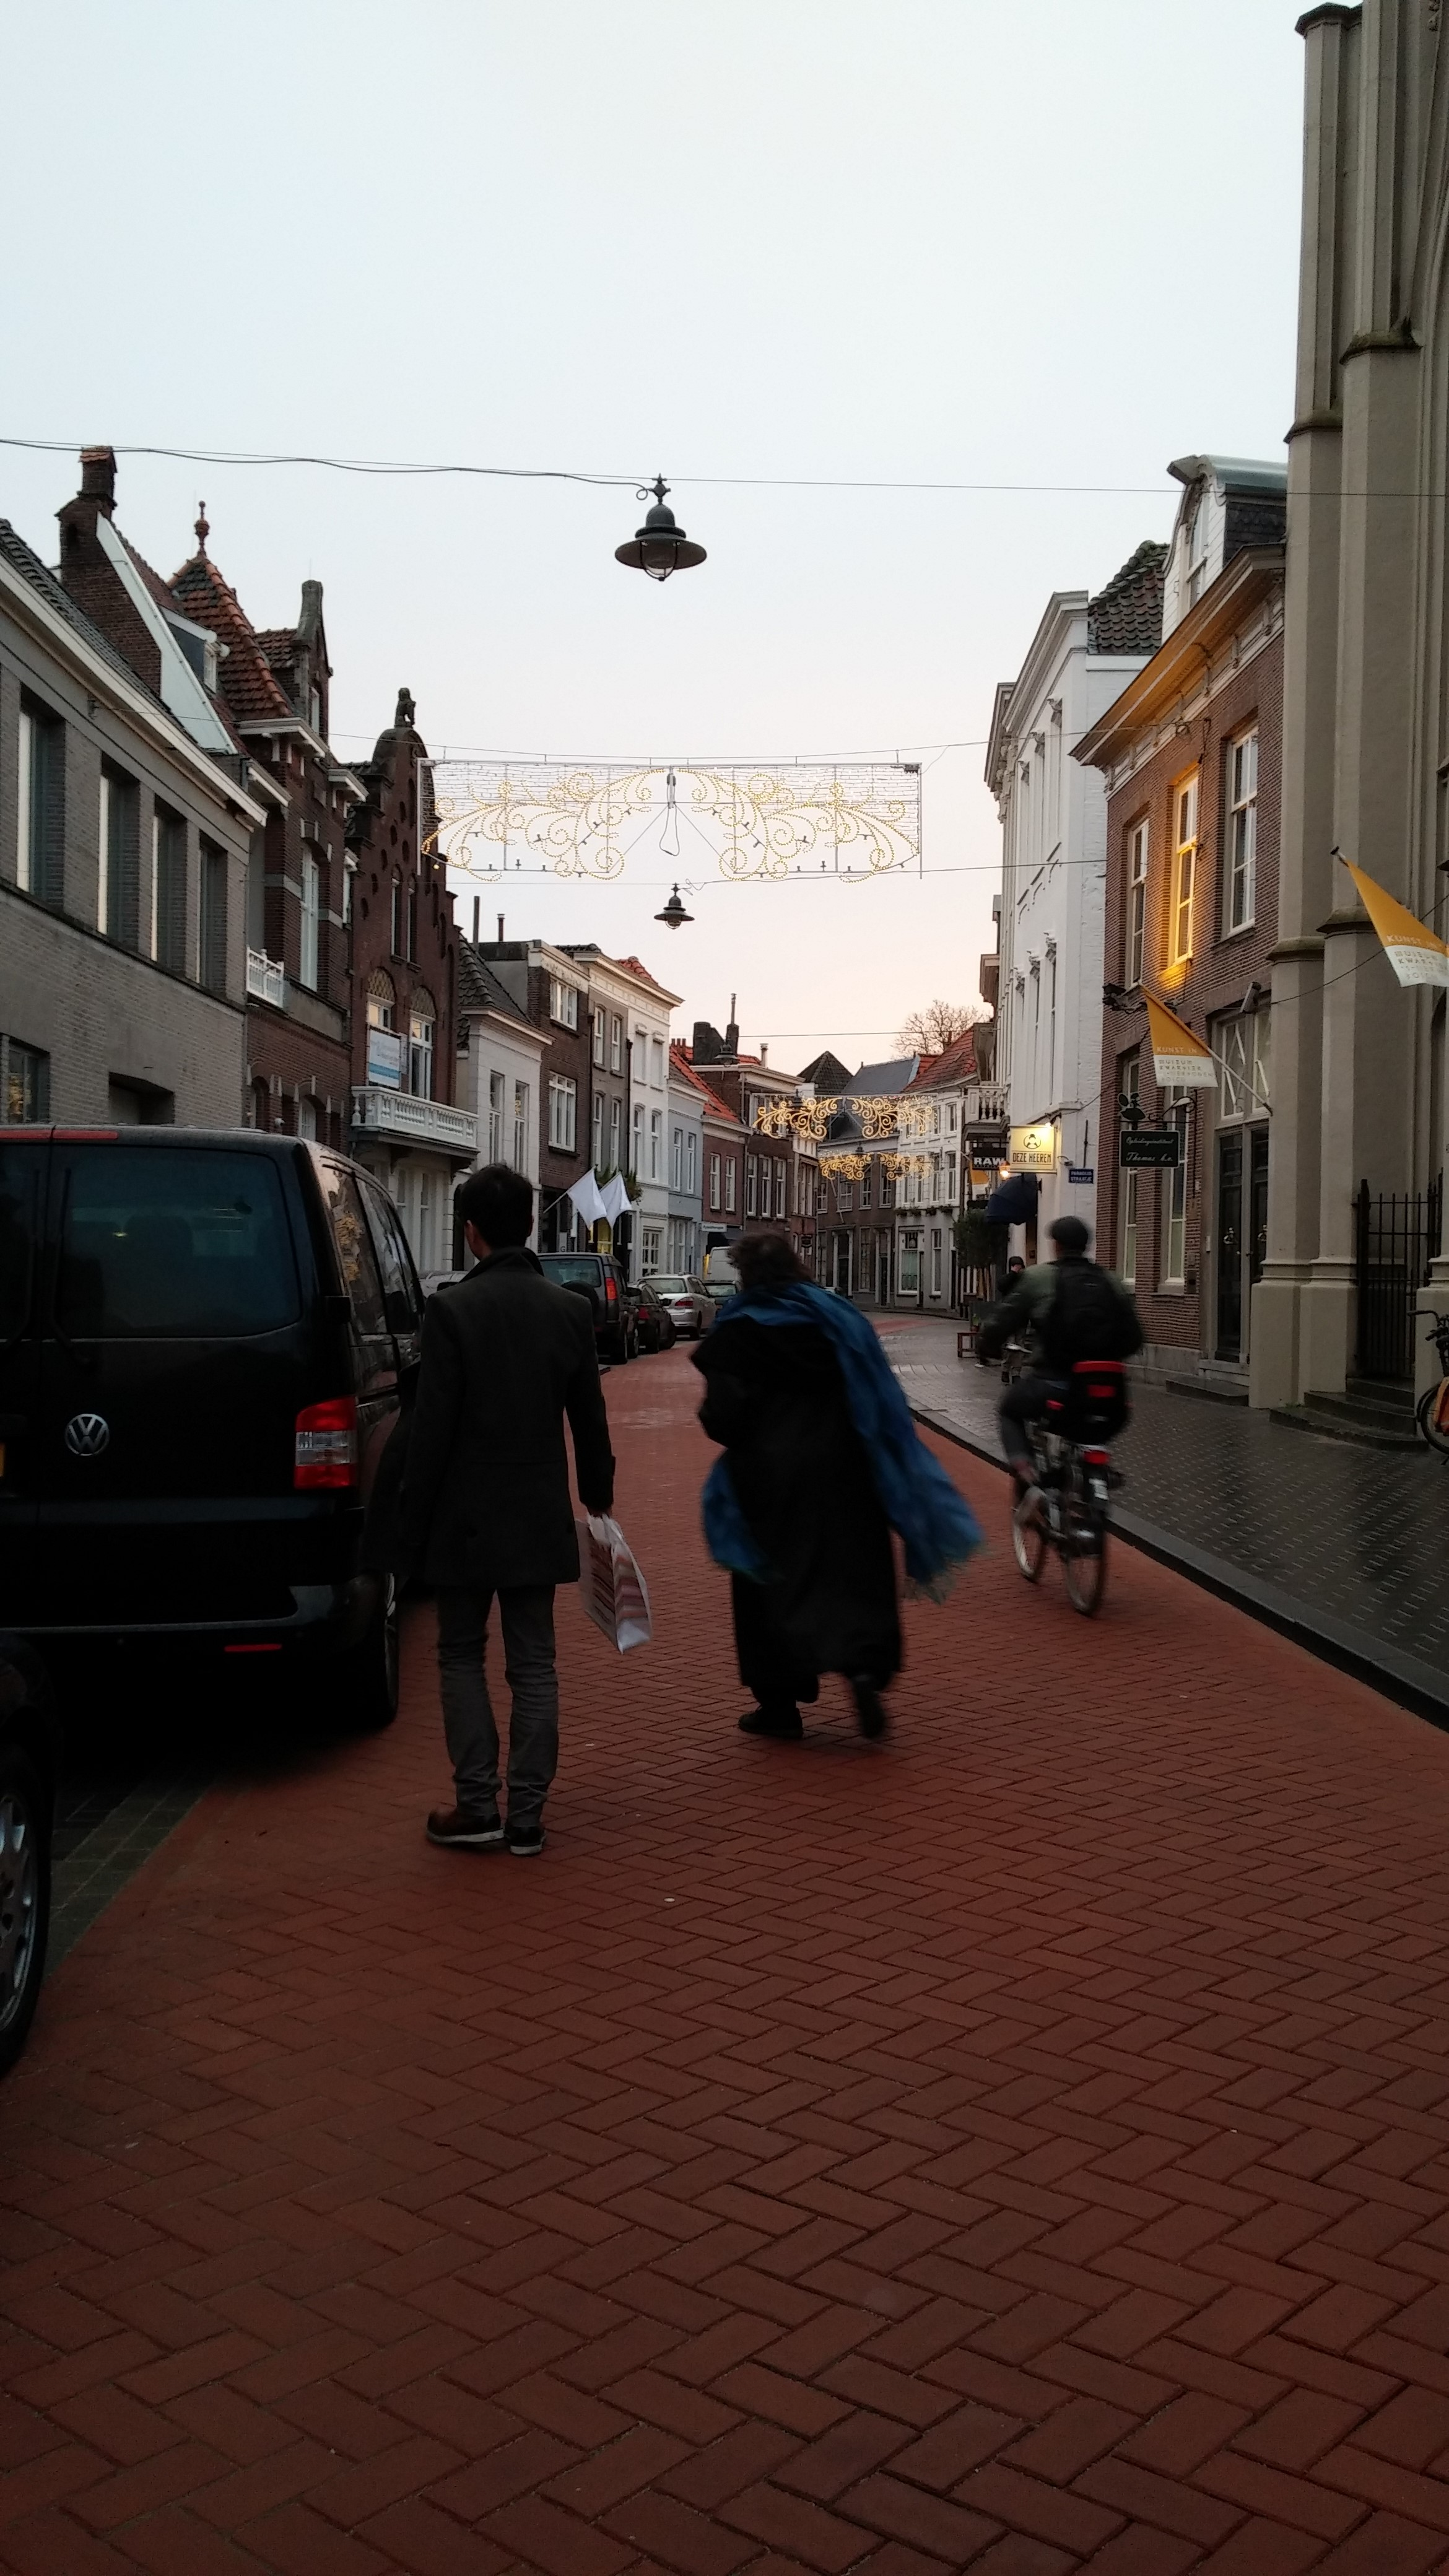 The cute little city of 's-Hertogenbosch